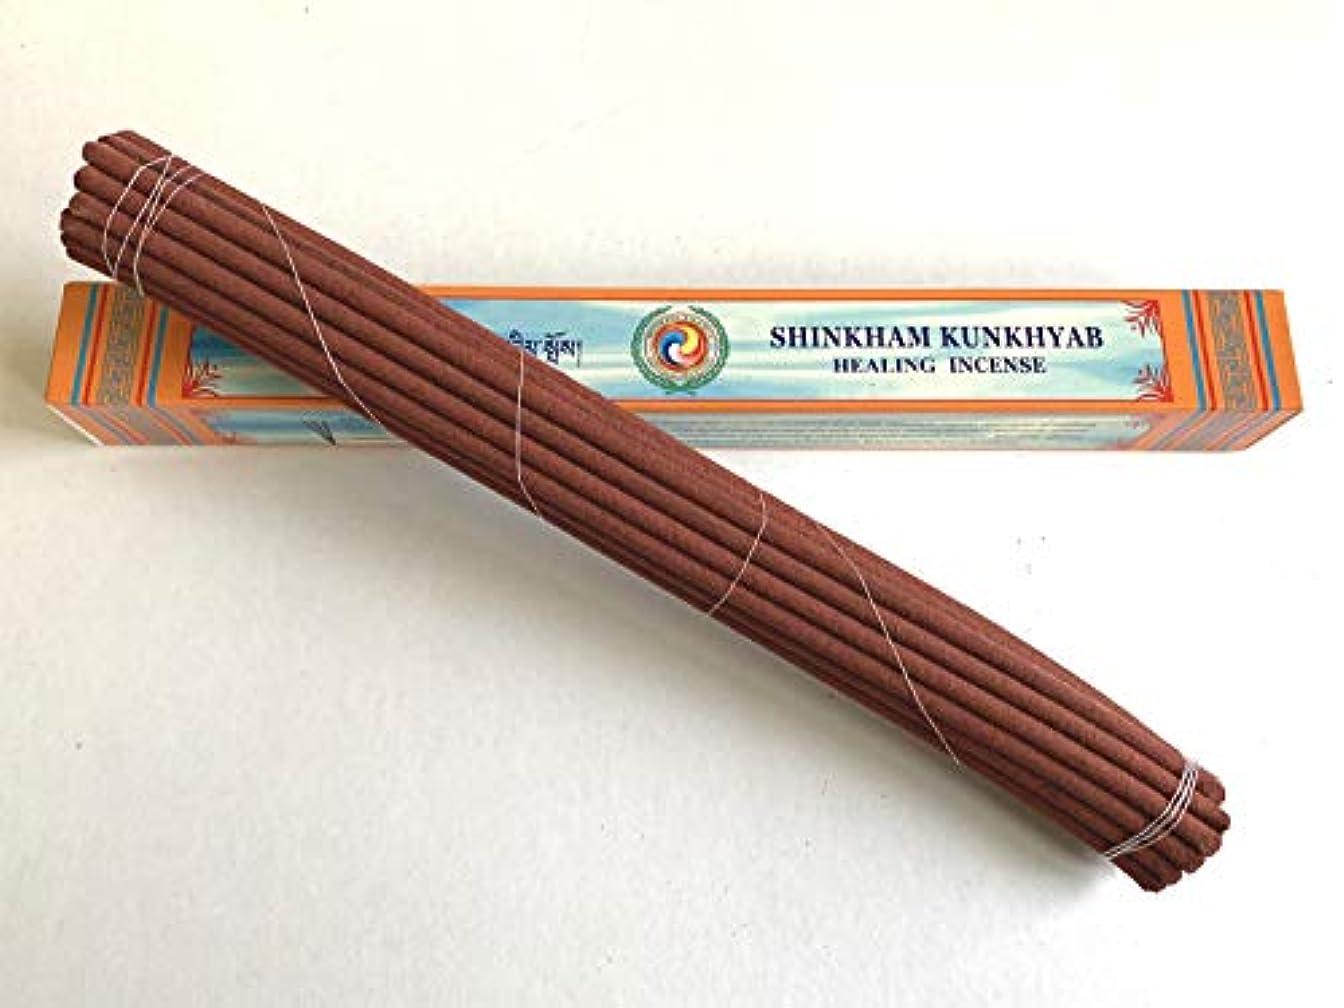 用量重々しいブローホールBonpo Tsang Agarbathi Factory/シンカムクンキャブ ロング(天堂藏香) SHINKHAM KUNKHYAB(LONG) 約25本入り